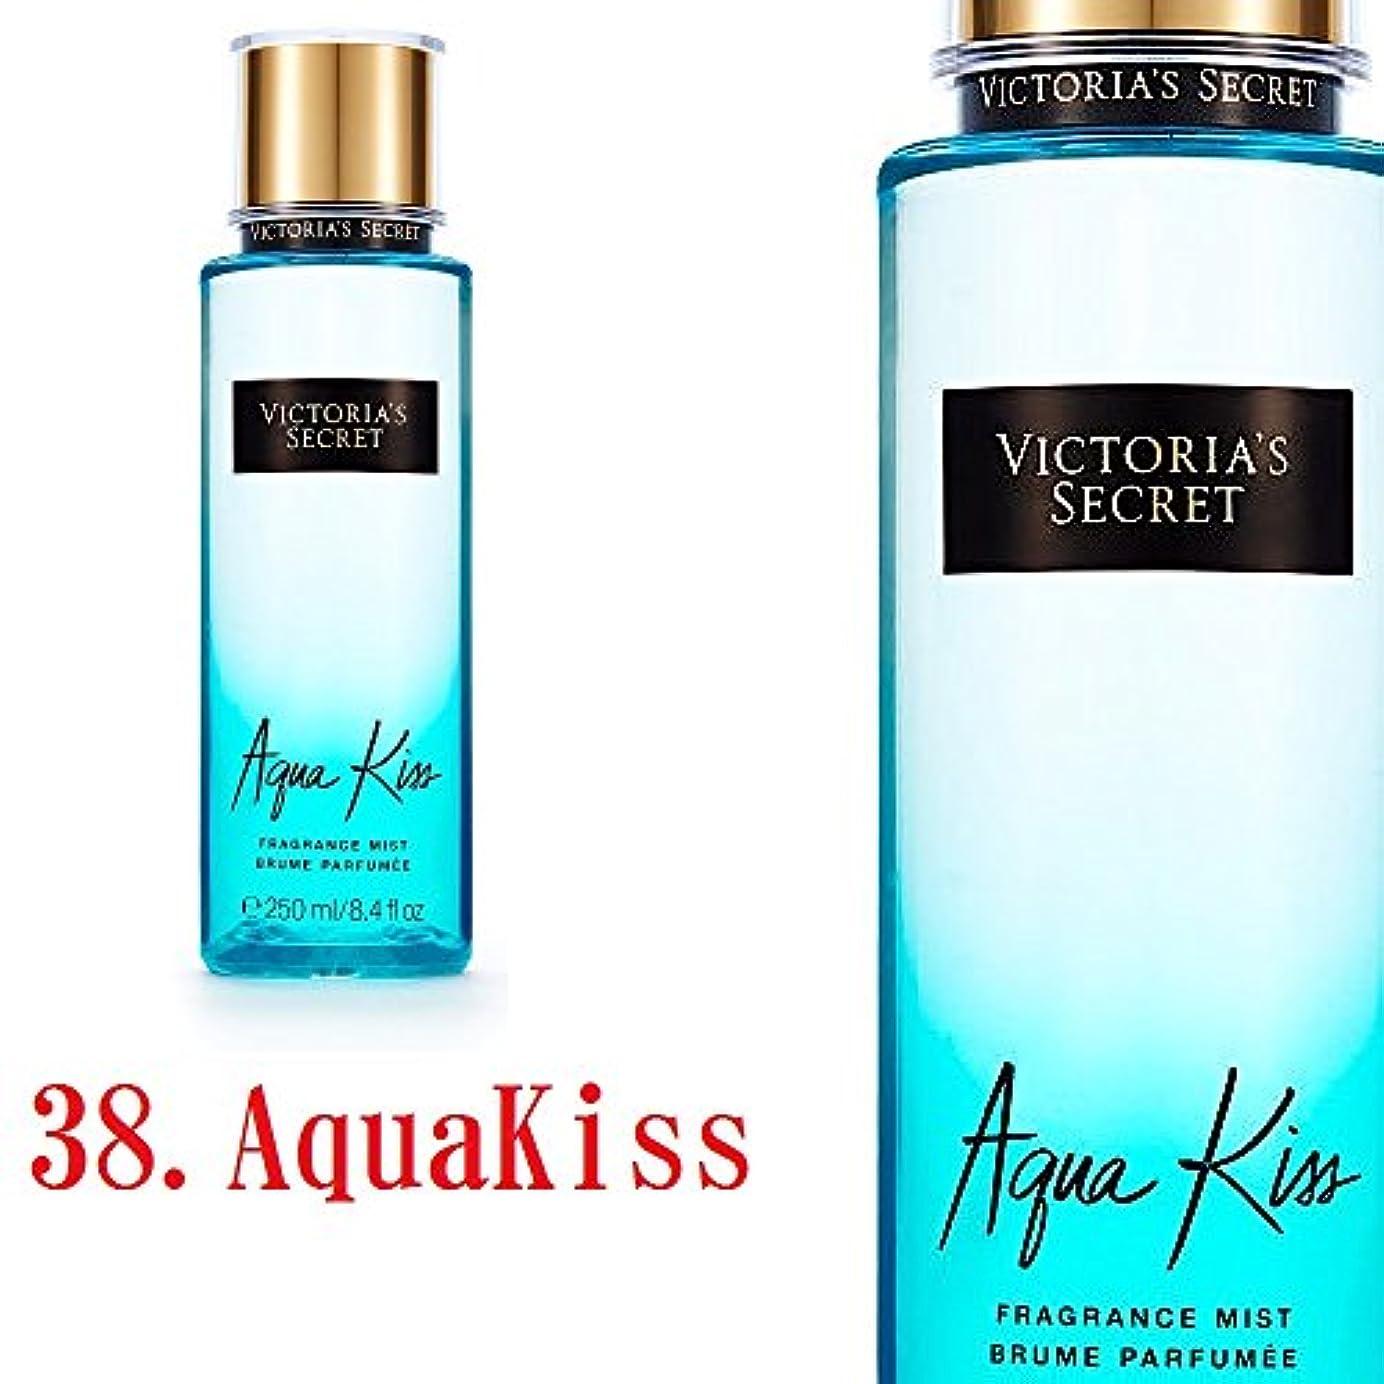 カレンダーマントル最大限Victoria's Secret Fantasies フレグランスミスト ヴィクトリアシークレット (38.アクアキス) [並行輸入品]